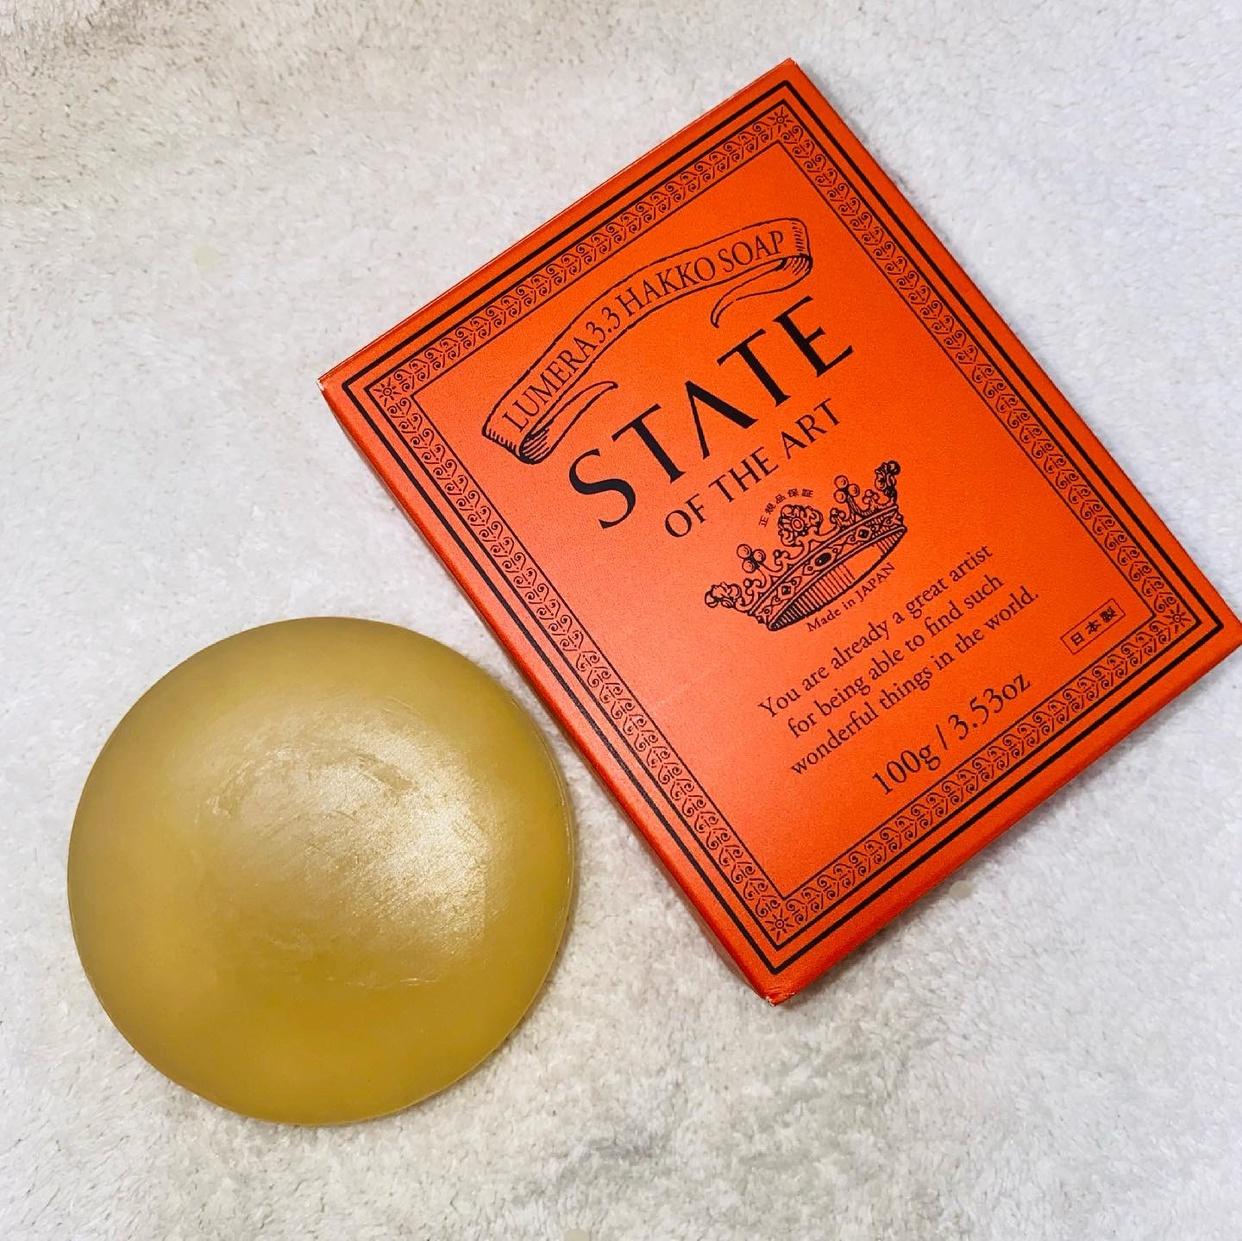 STATE OF THE ART(ステートオブザアート) 極微細 泡石けんを使ったマイピコブーさんのクチコミ画像2